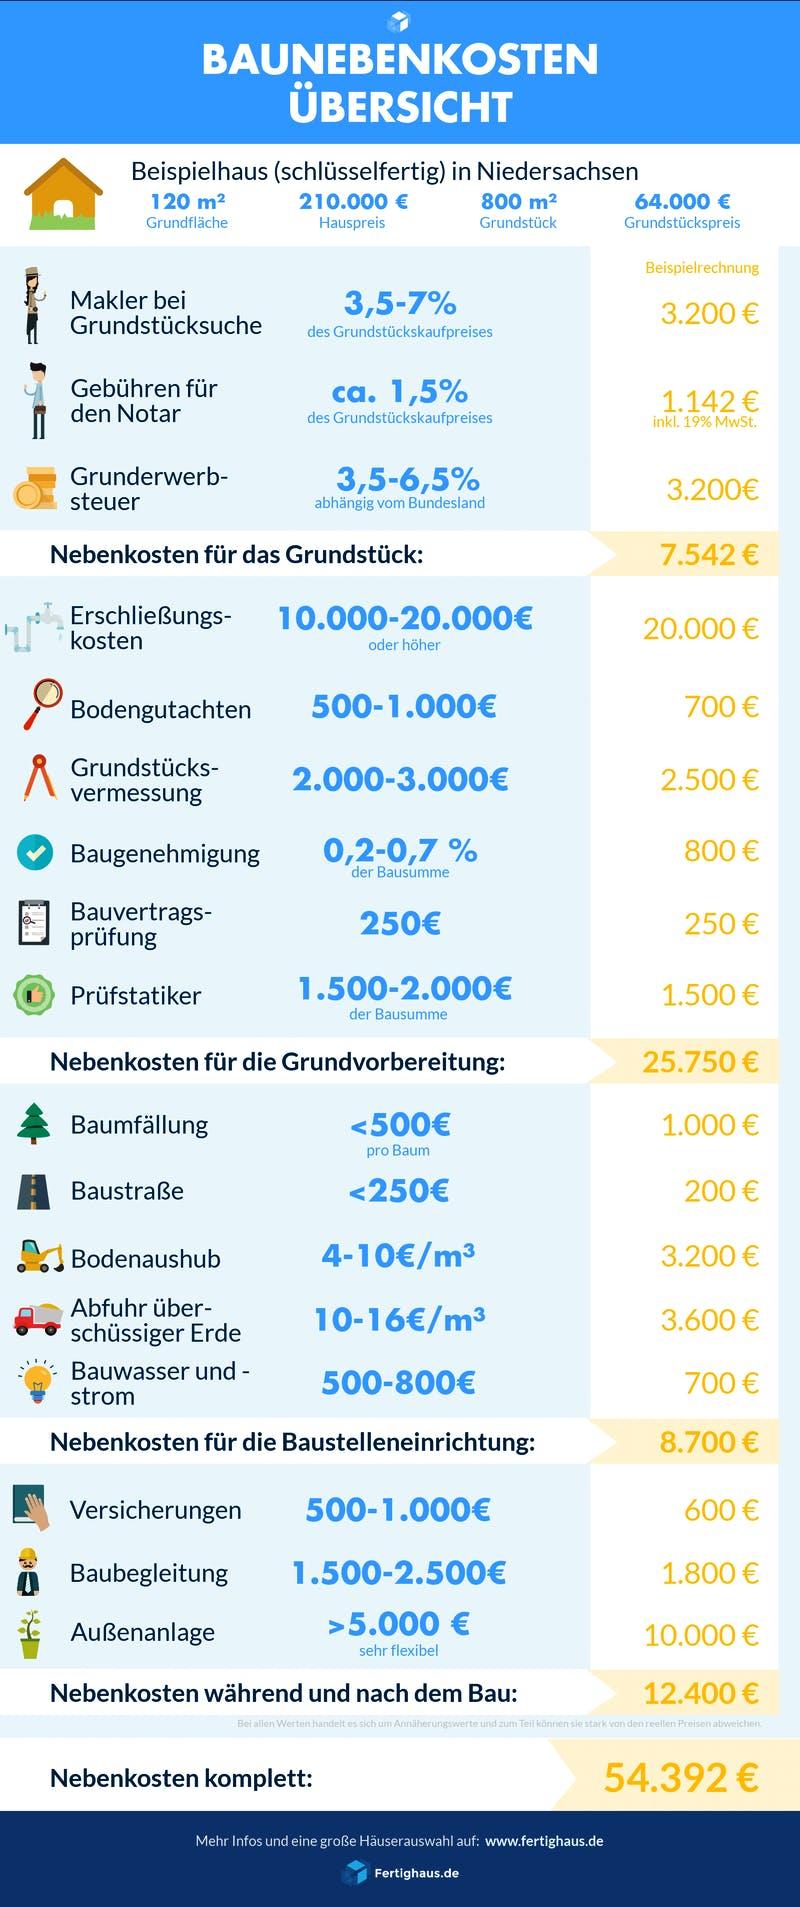 Infografik mit einer Übersicht zu allen Baunebenkosten sowie Beispielwerten